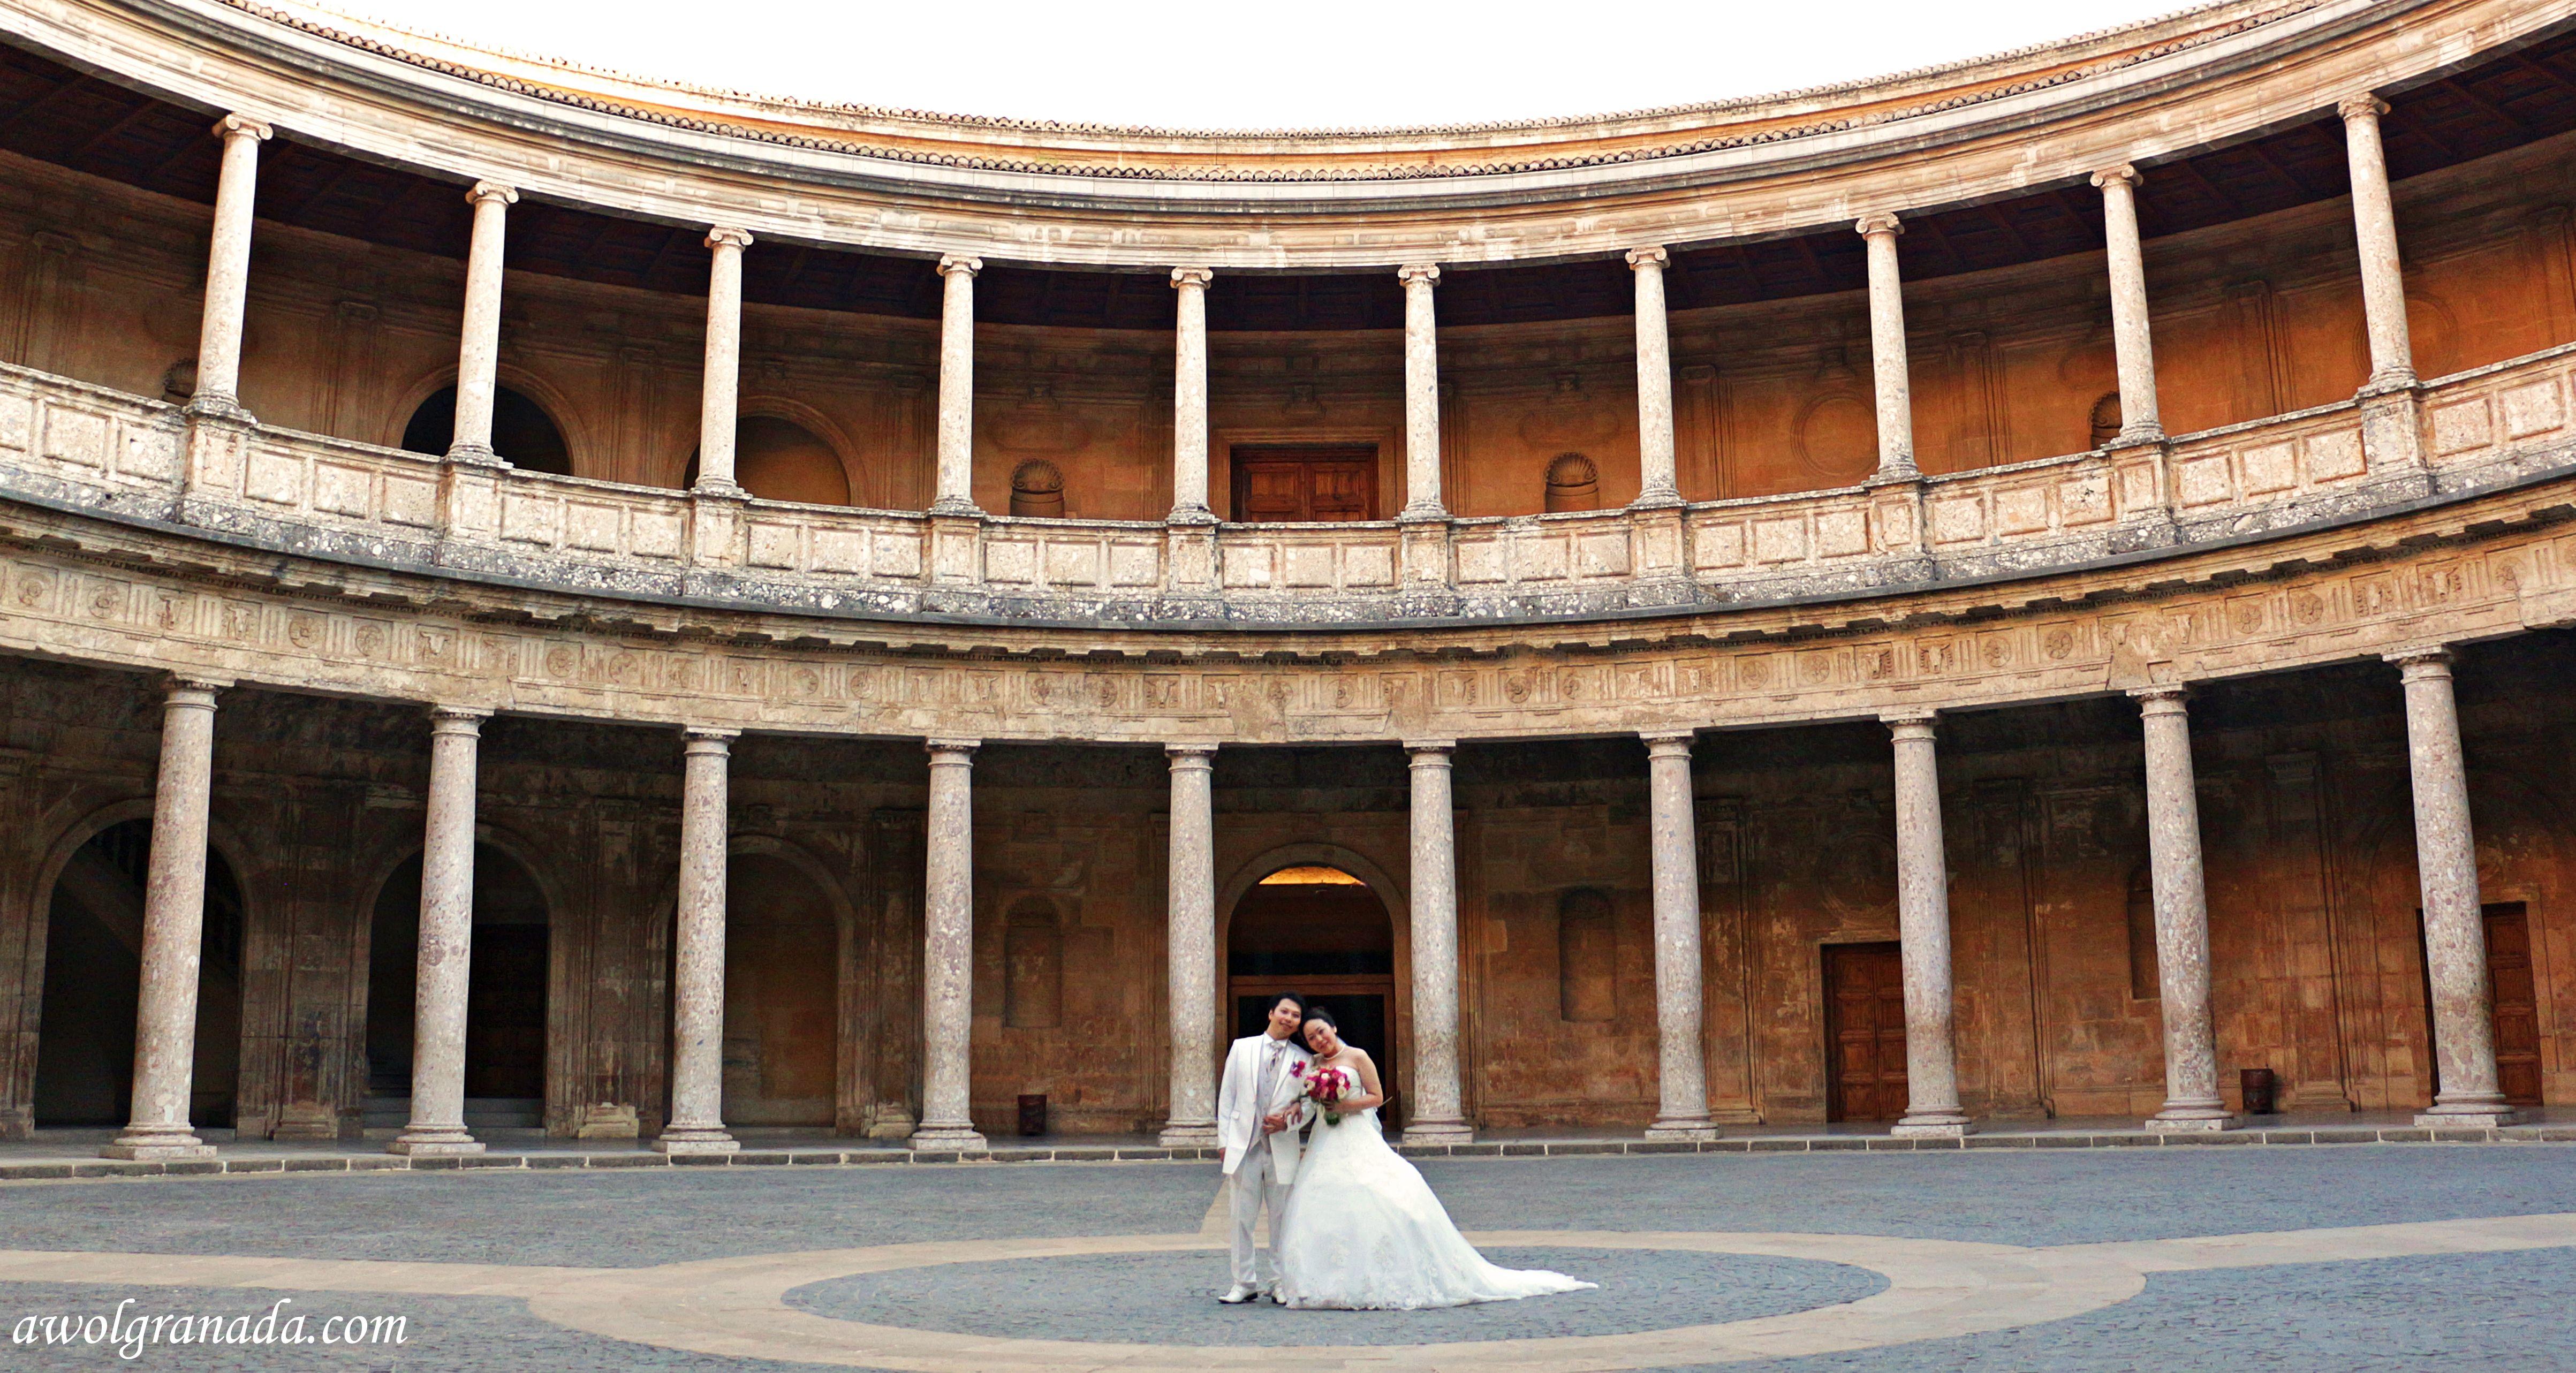 Alhambra spain wedding venues